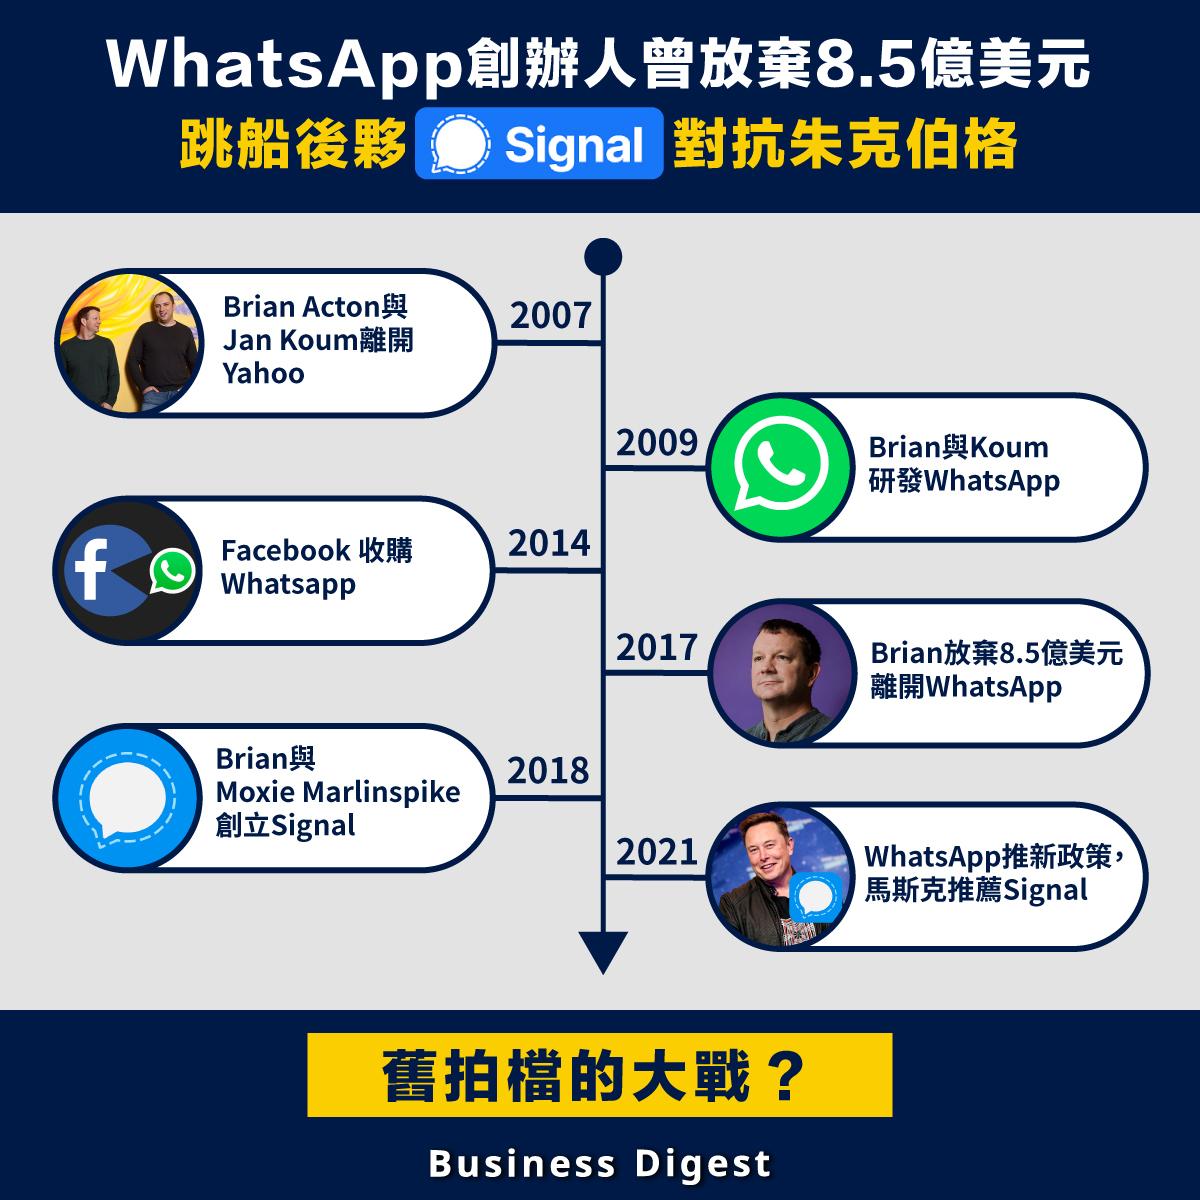 WhatsApp創辦人曾放棄8.5億美元,跳船後夥Signal對抗朱克伯格